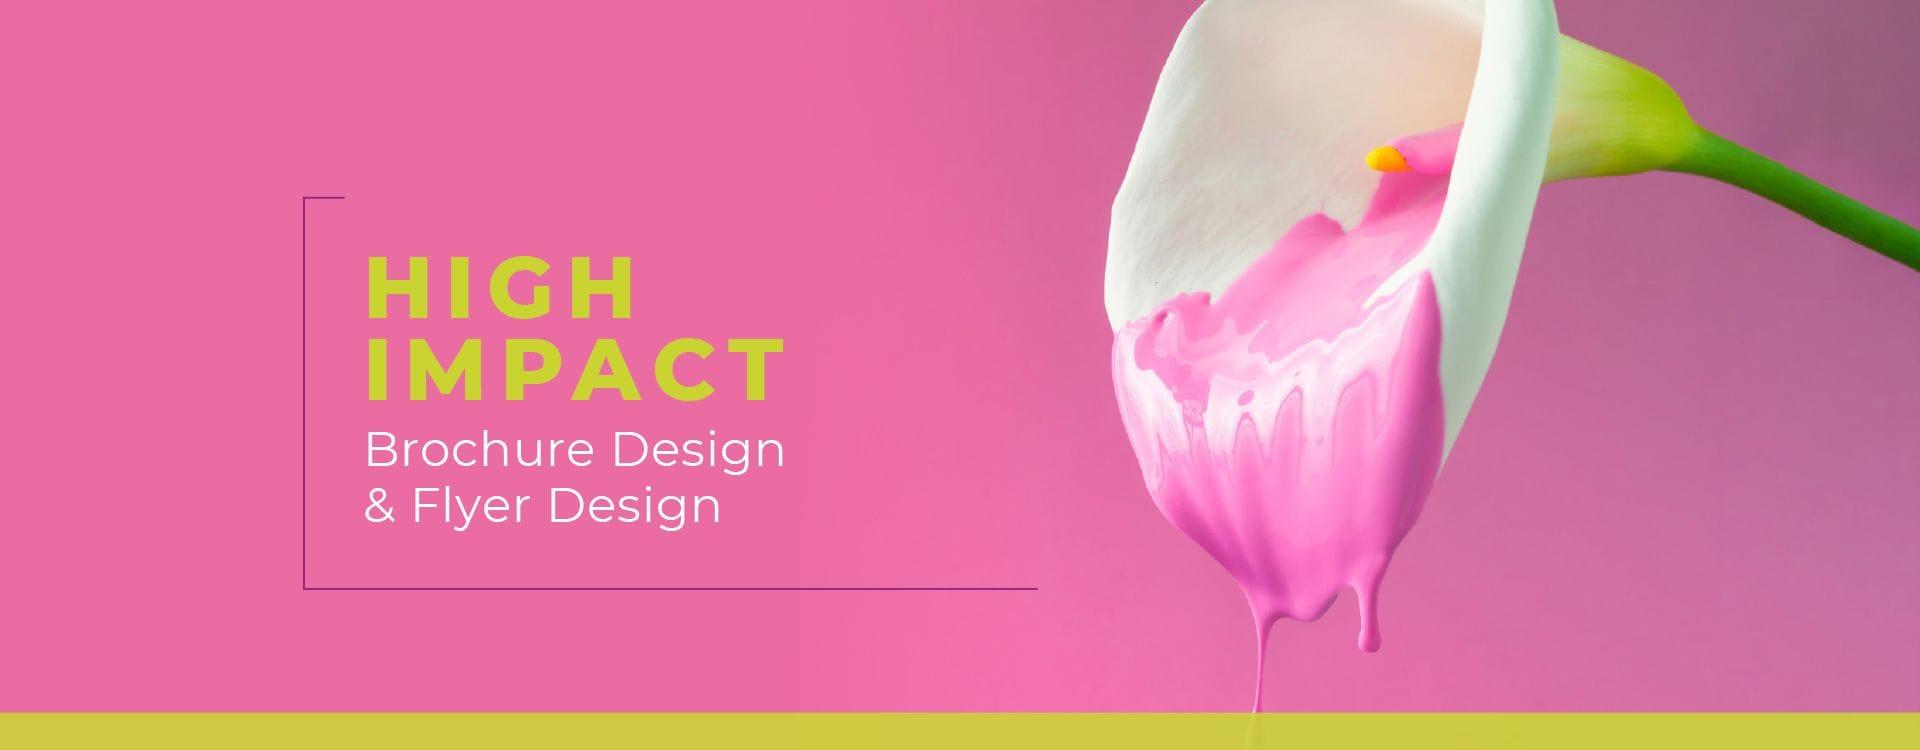 brochured designers